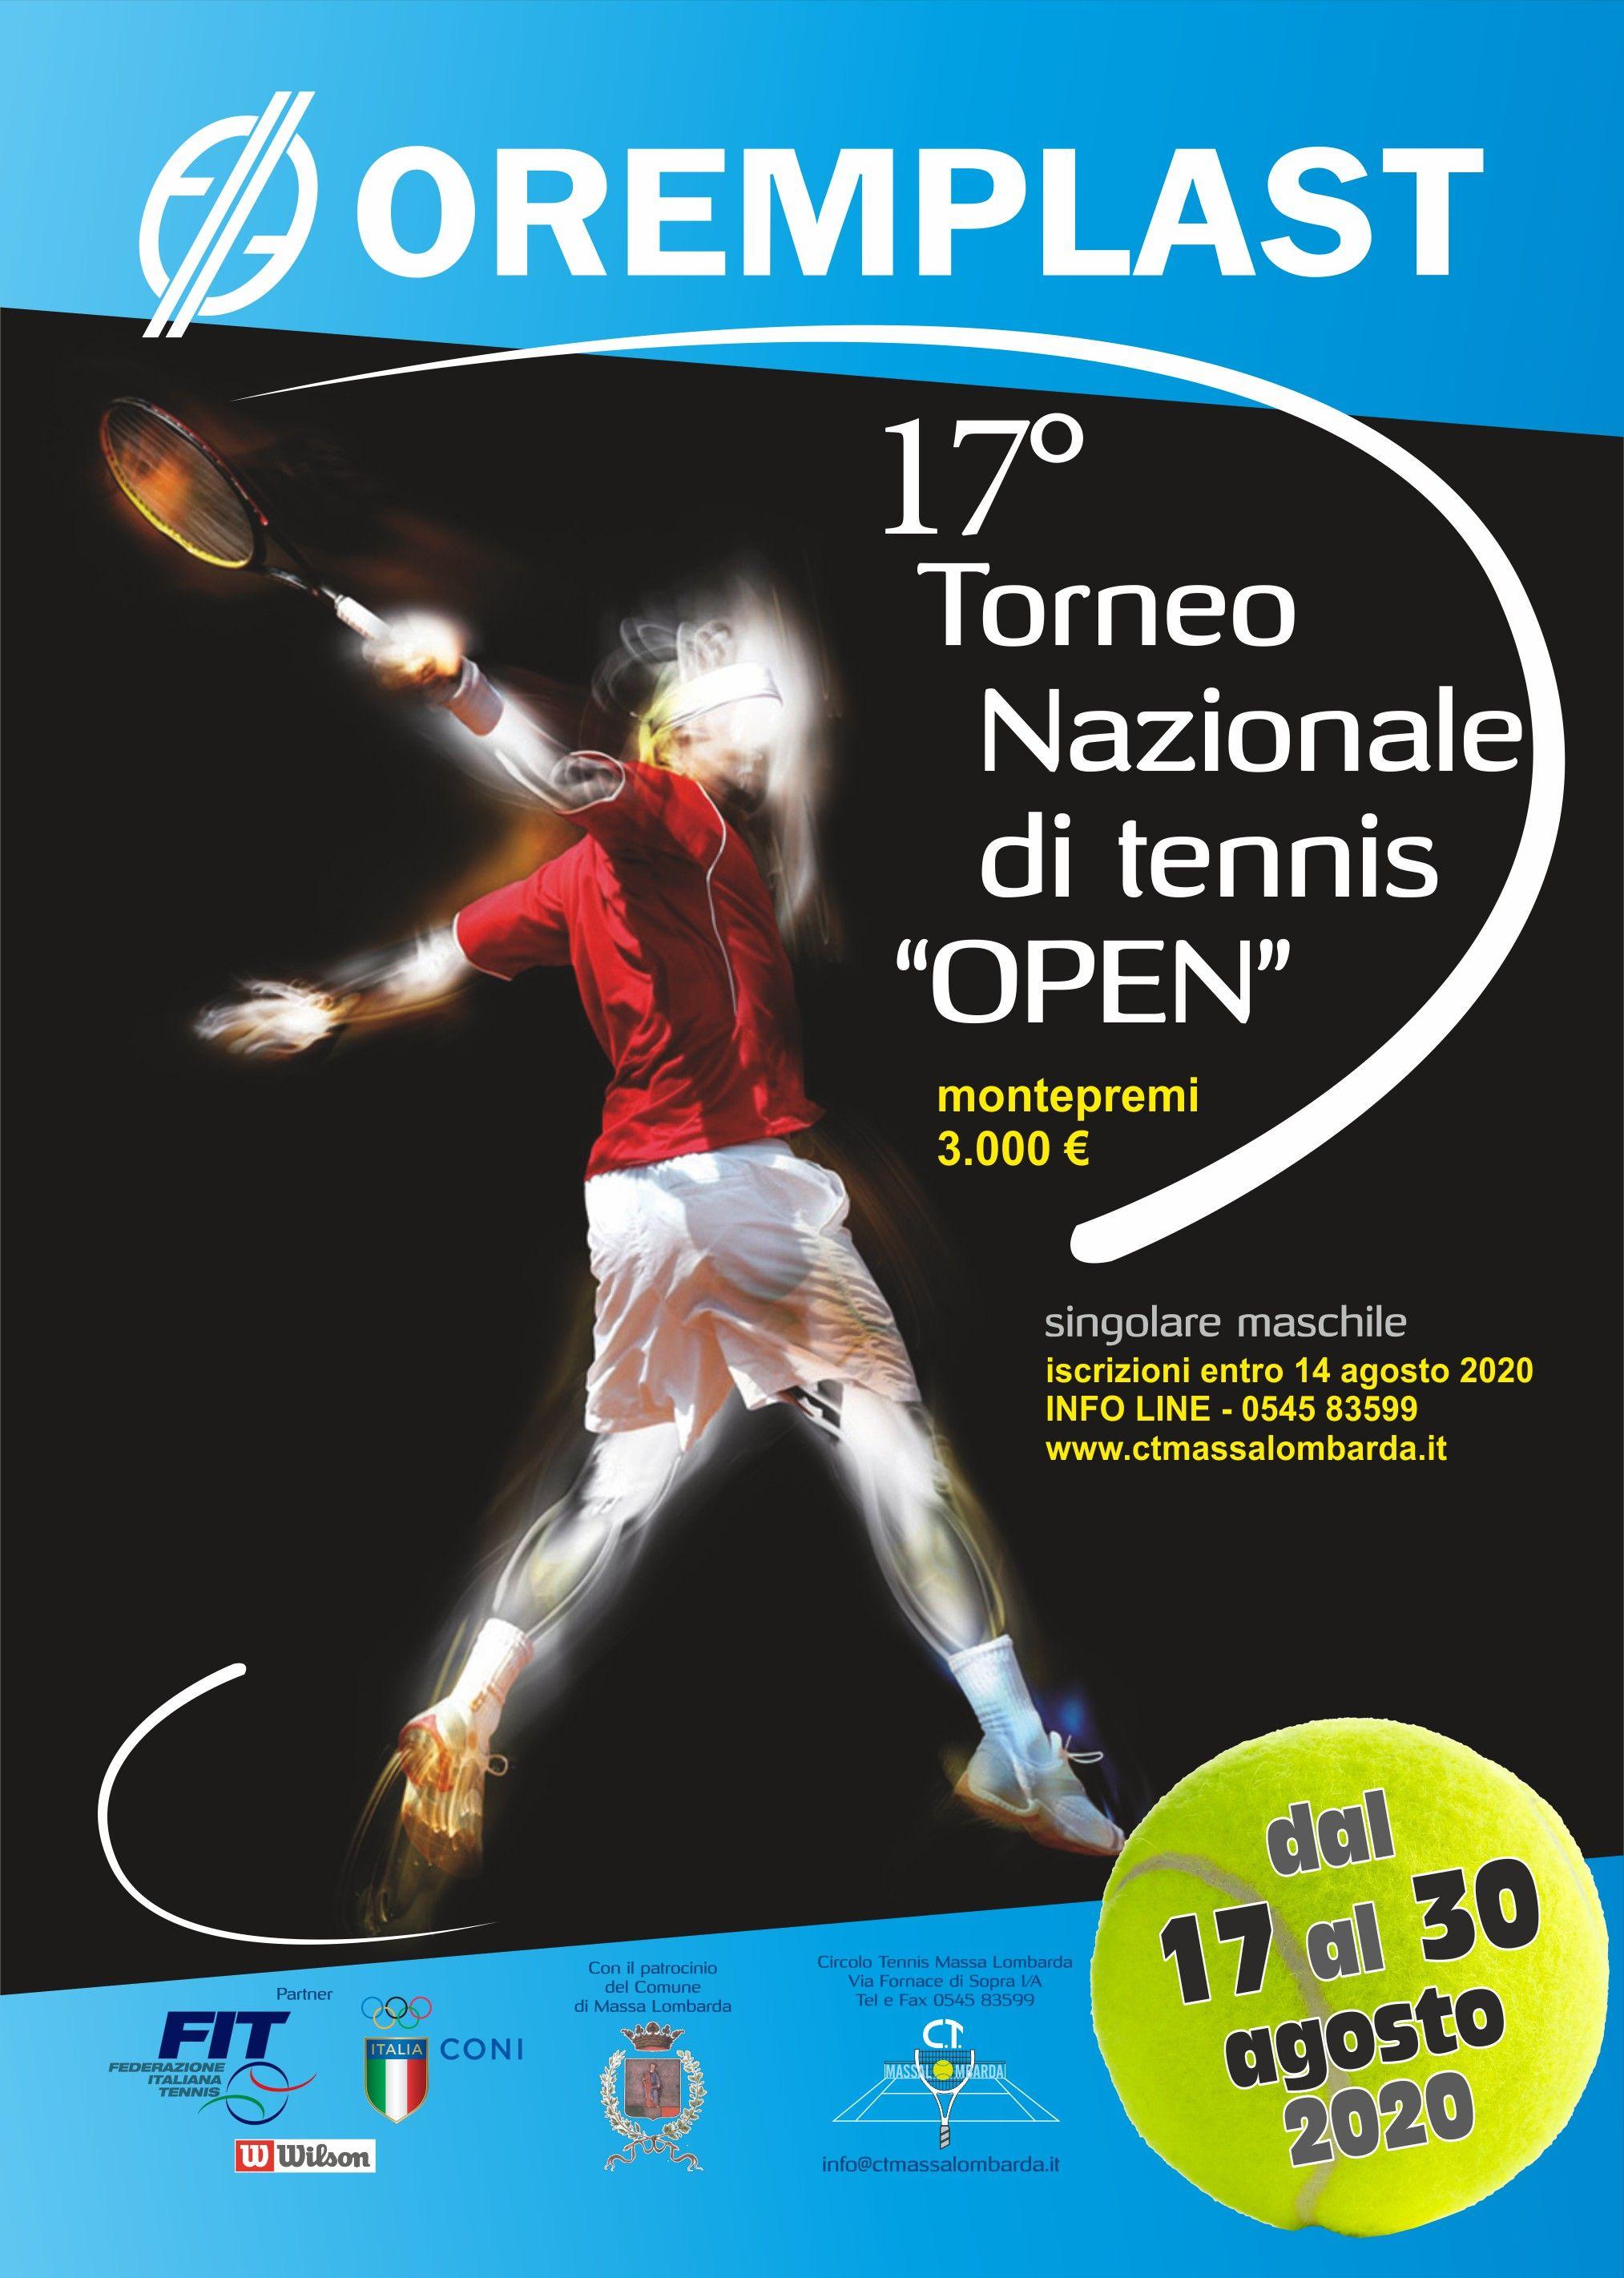 Trofeo Oremplast, torneo Open maschile: Possibile presenza del giovane Luciano Darderi